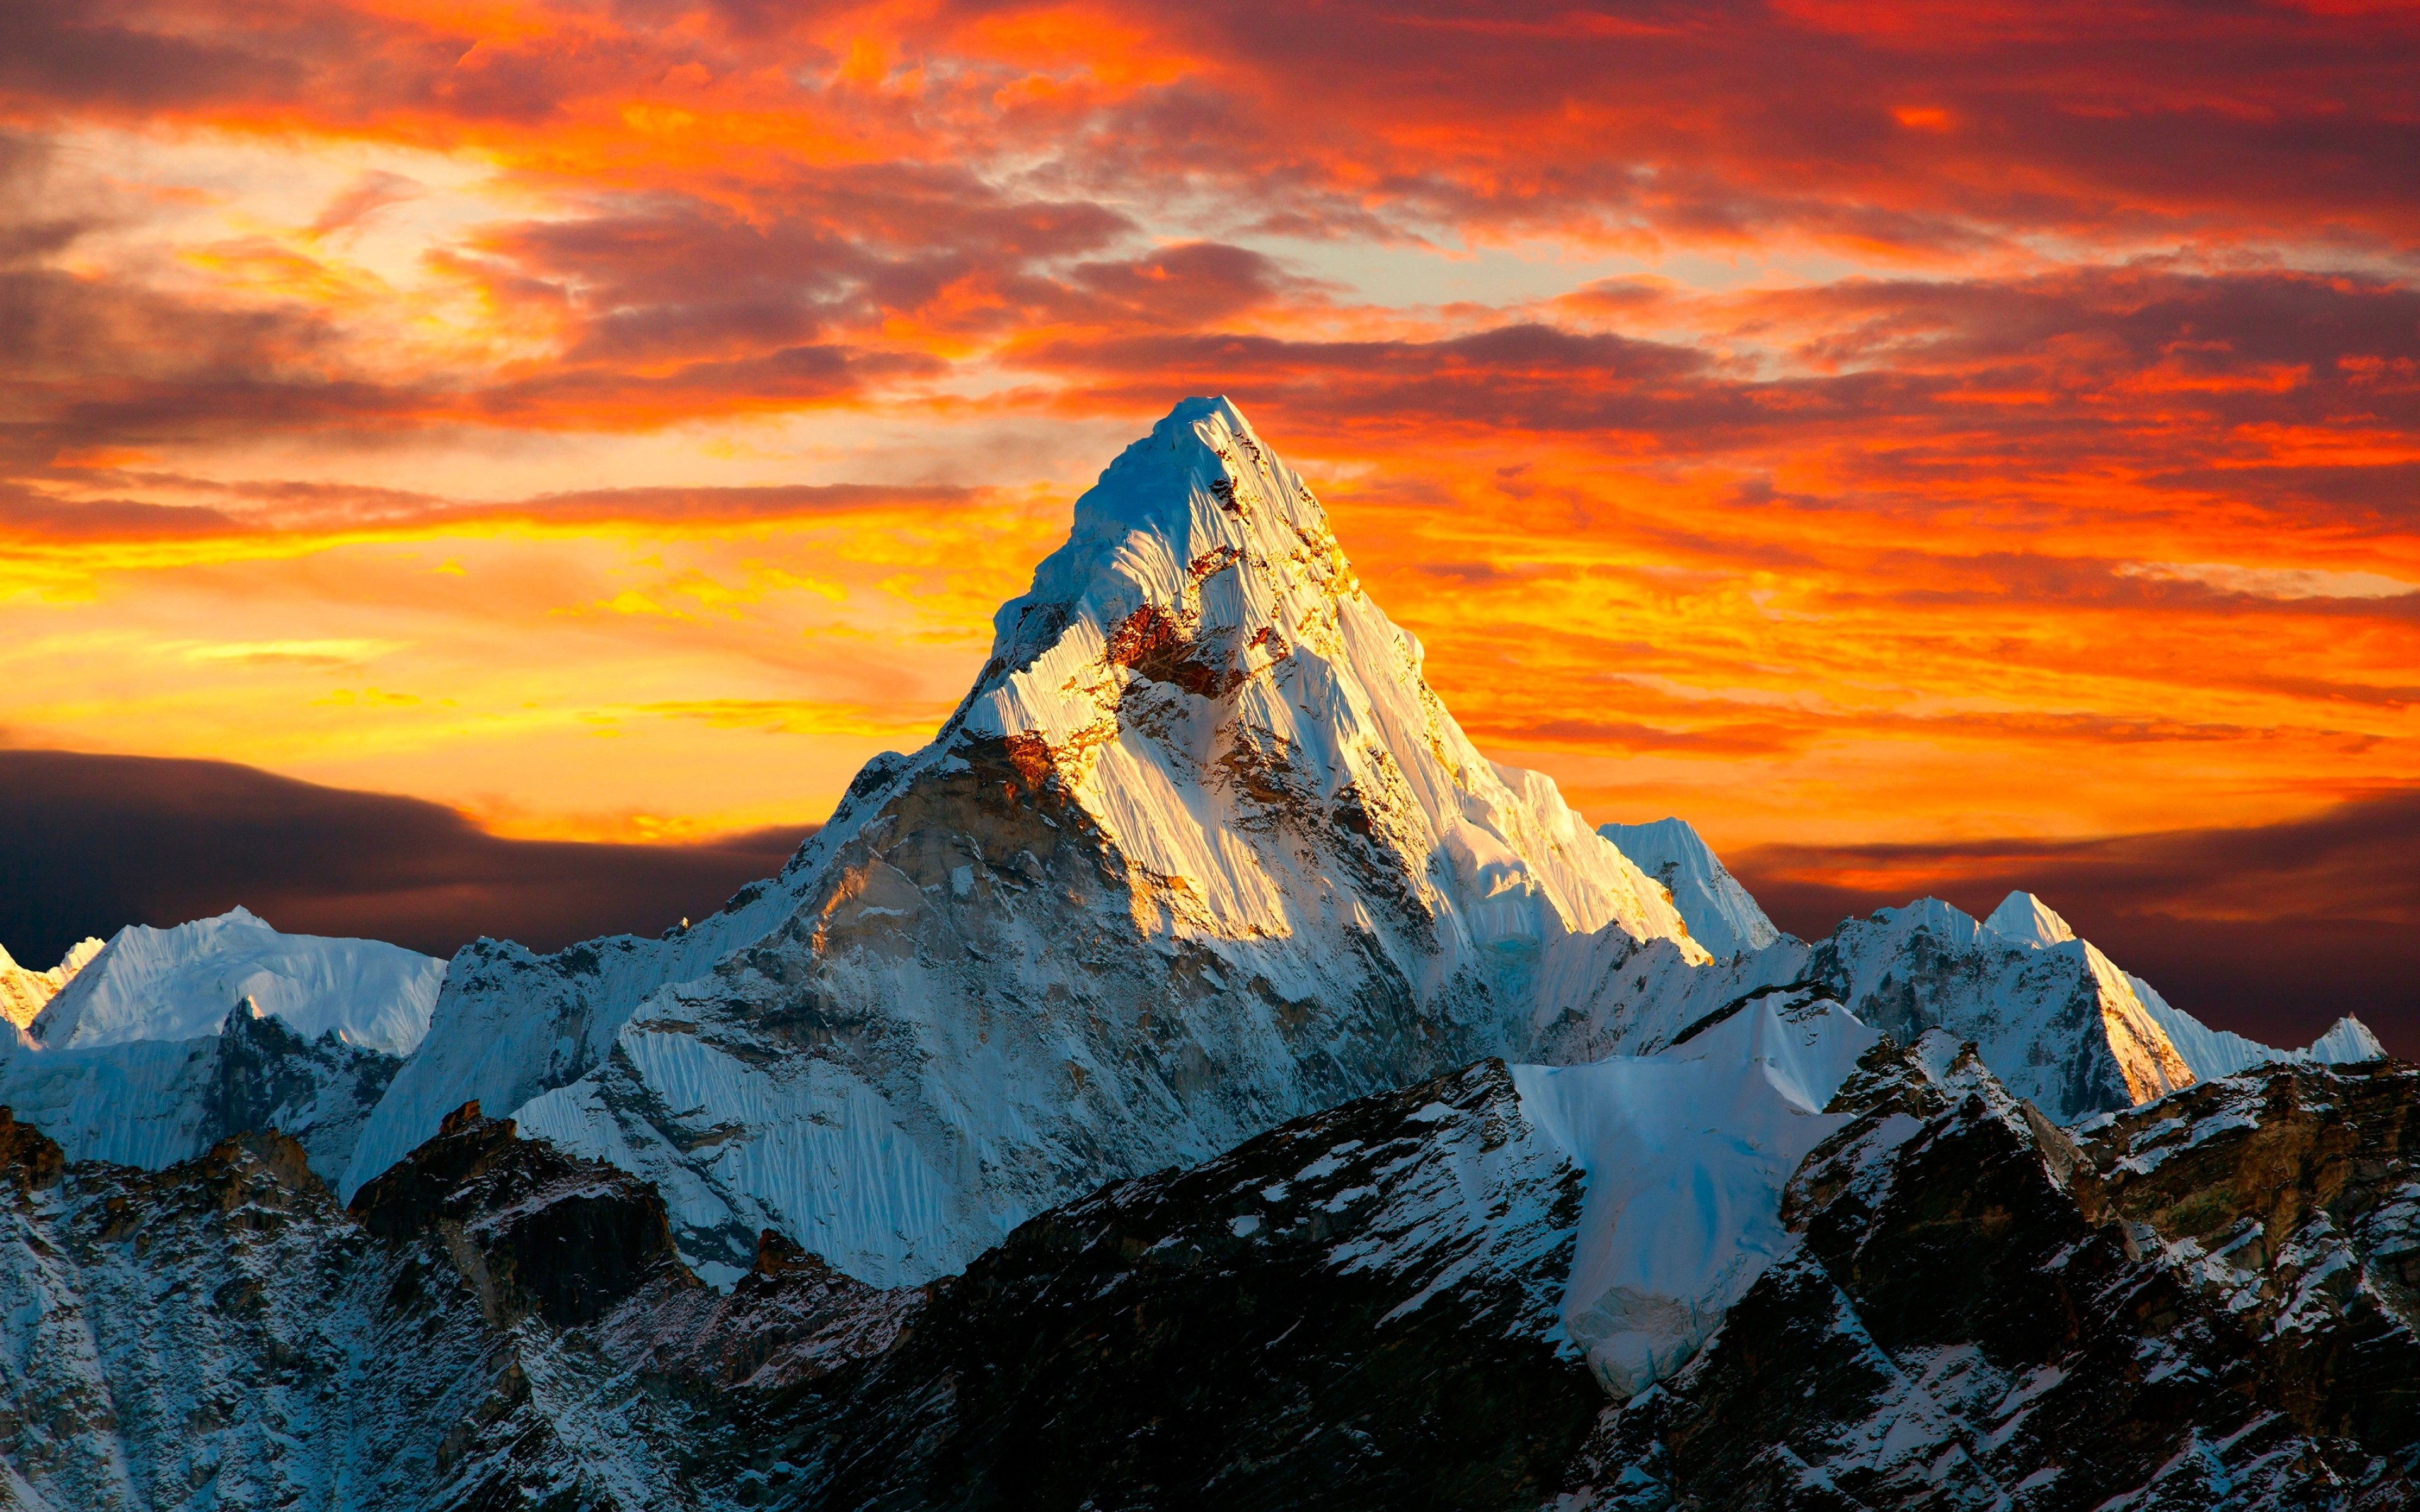 Fondos de pantalla El tope de las montañas del Himalaya al atardecer